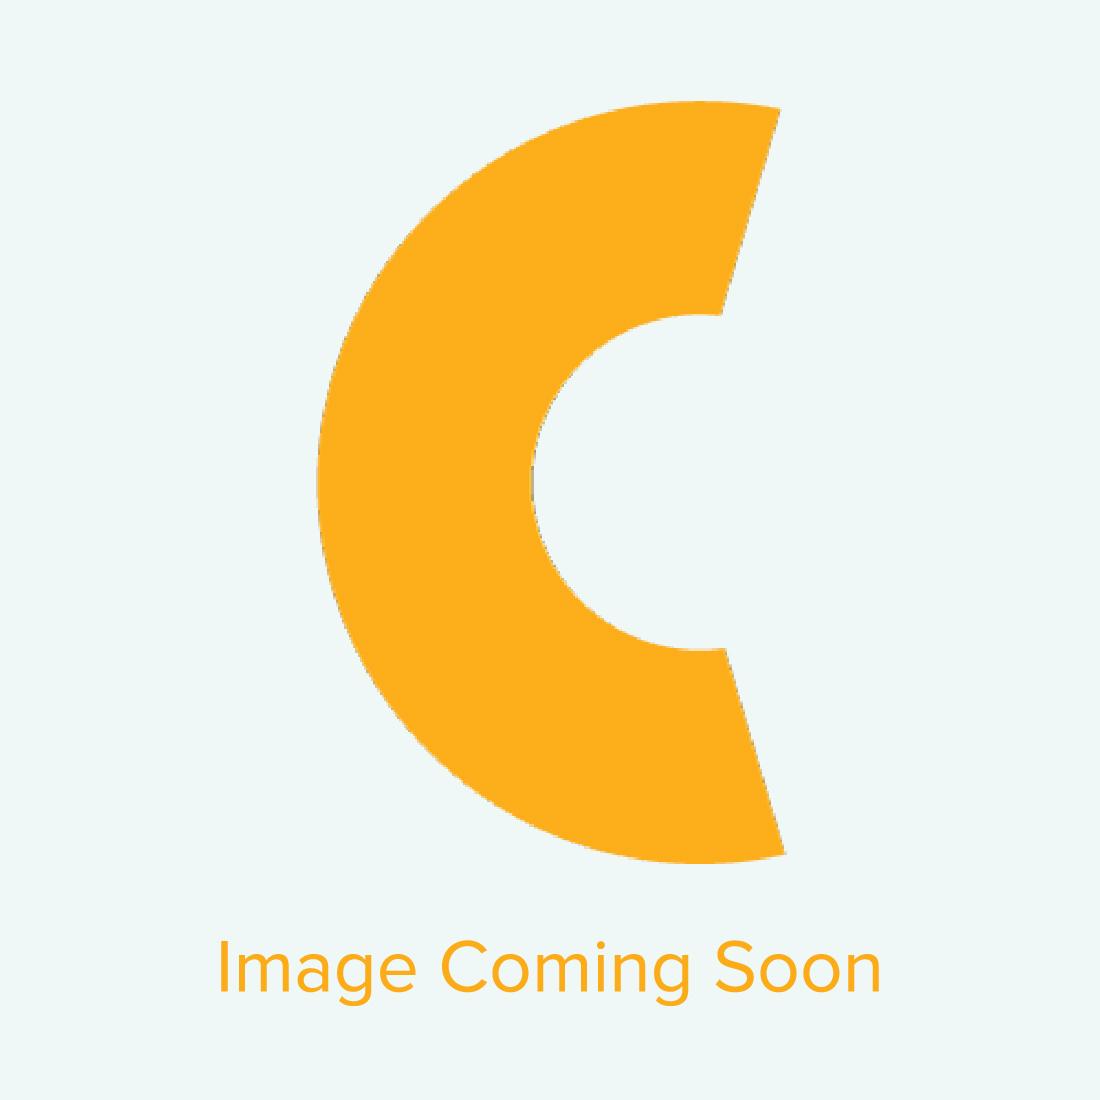 FC8600-75, FC8000-75, FC7000 MK2-75, FC7000-75 - Replacement Cutting Strip